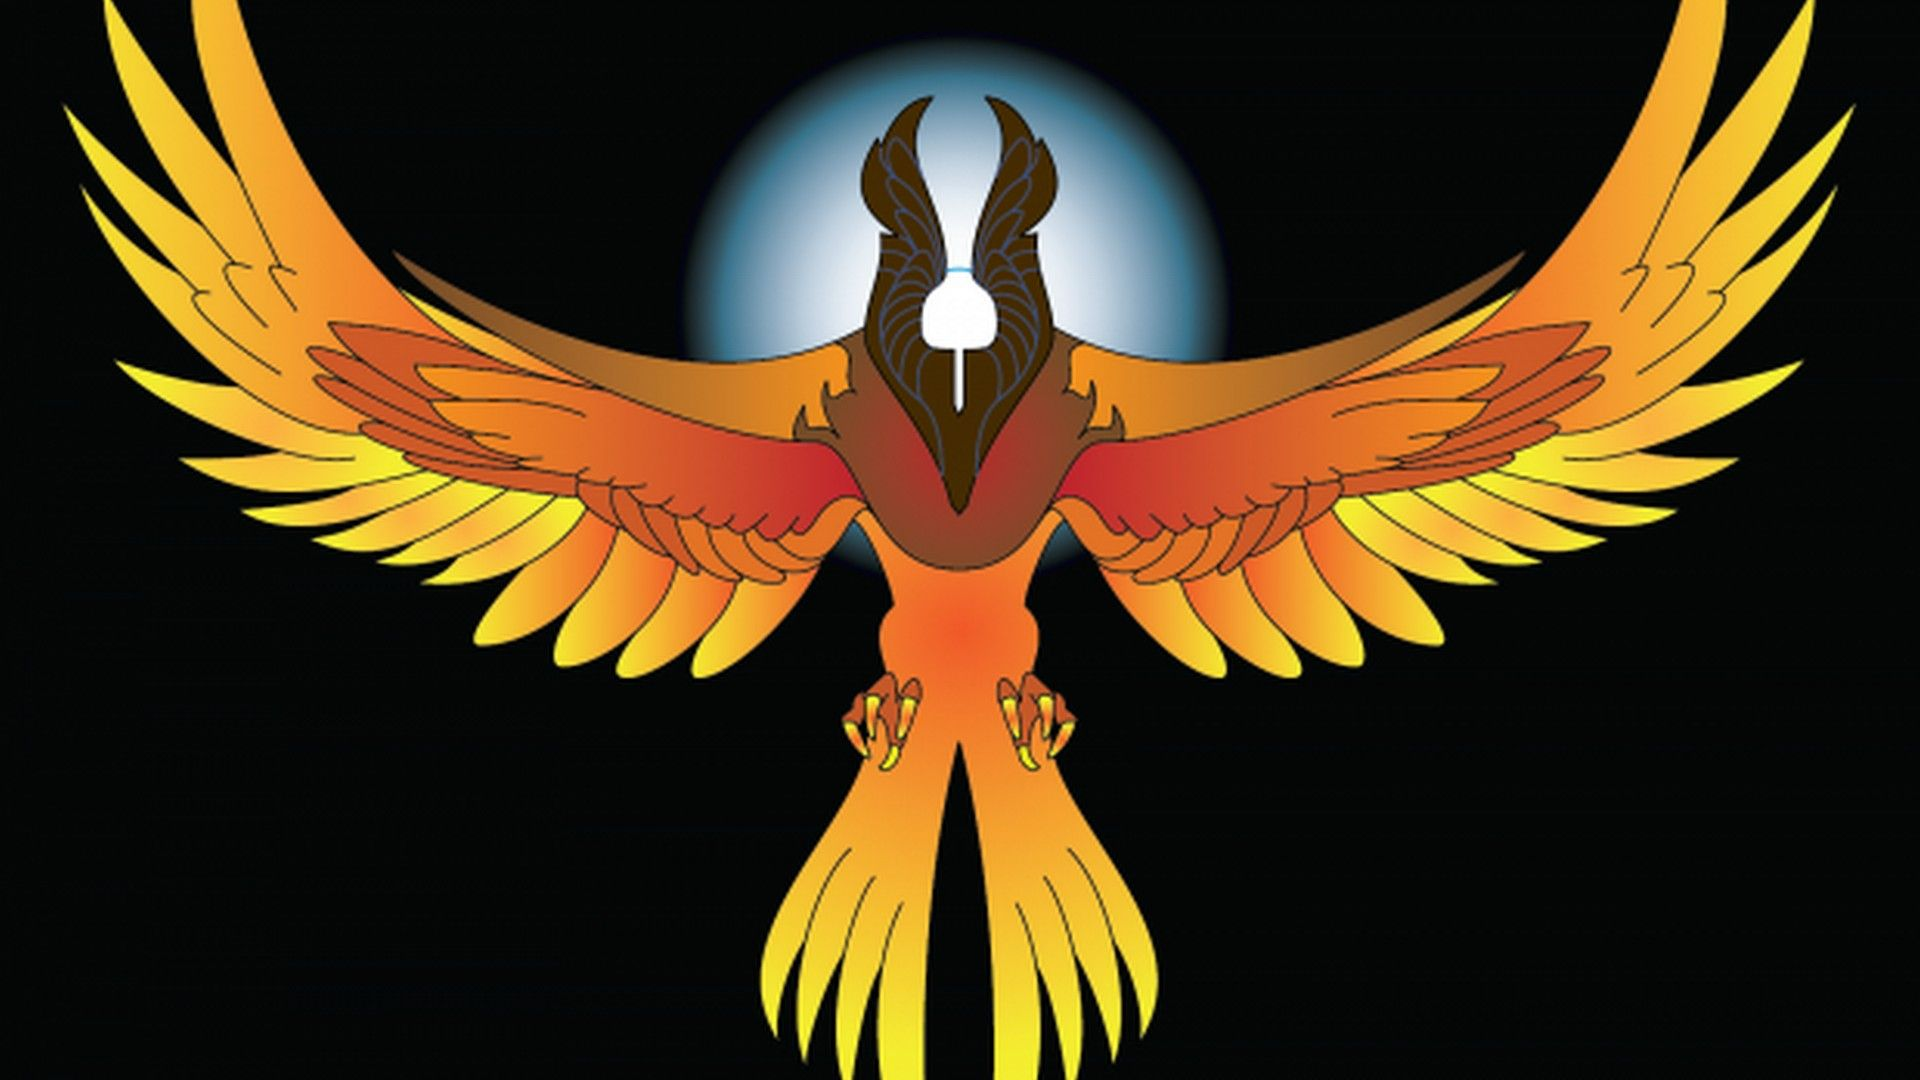 Phoenix Bird Images Desktop Wallpaper Phoenix Bird Images Phoenix Bird Hd Cute Wallpapers